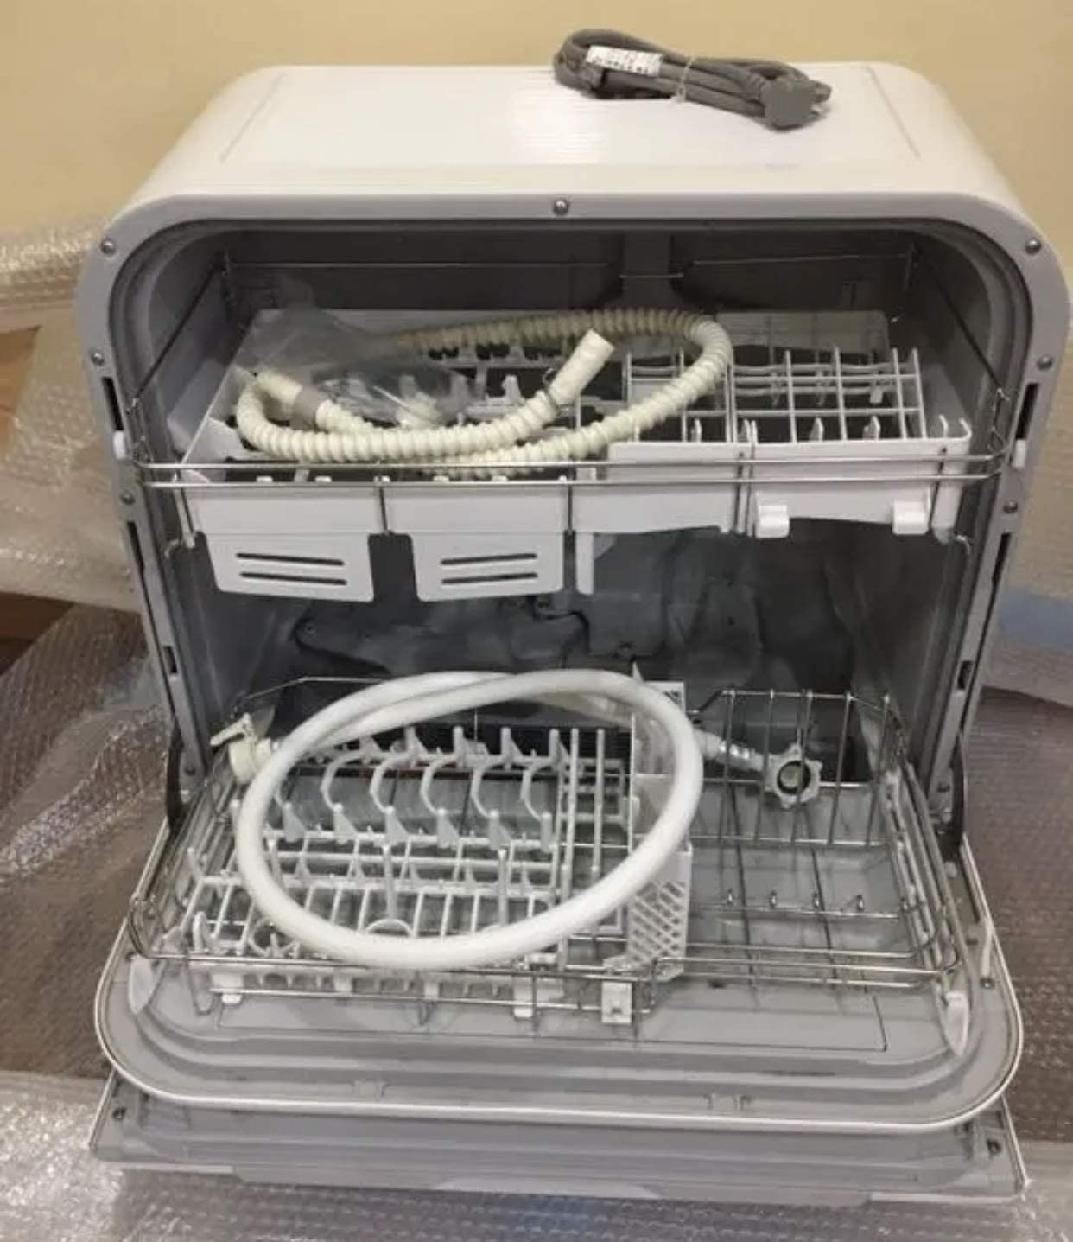 Panasonic(パナソニック) 食器洗い乾燥機 NP-TM9-W(ホワイト)の商品画像